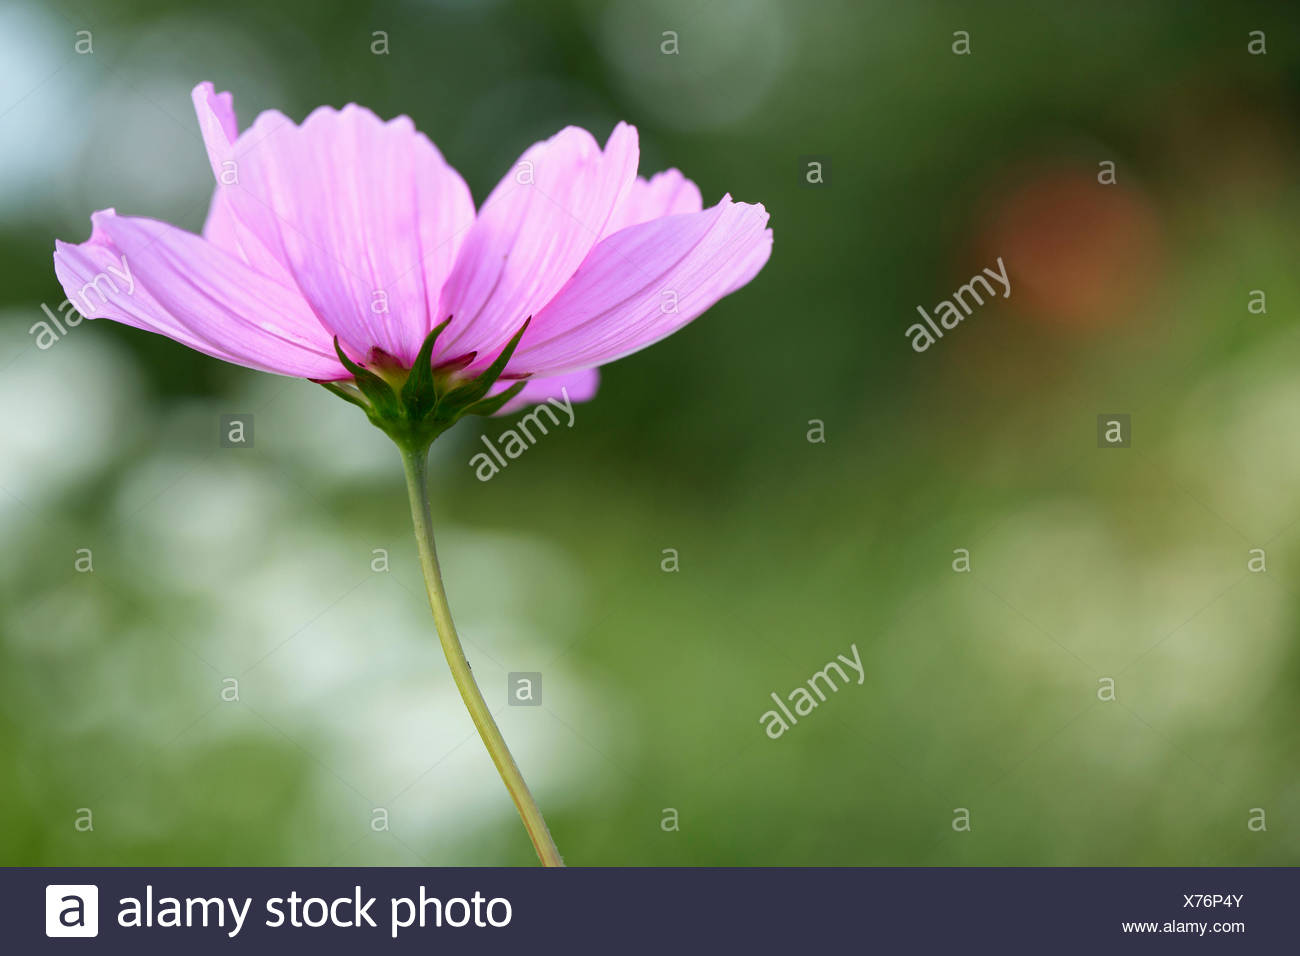 Cosmos pinkie cosmos cosmos bipinnatus pinkie annual beauty cosmos pinkie cosmos cosmos bipinnatus pinkie annual beauty in nature colour contemporary creative dreamlike flower autumn flowering izmirmasajfo